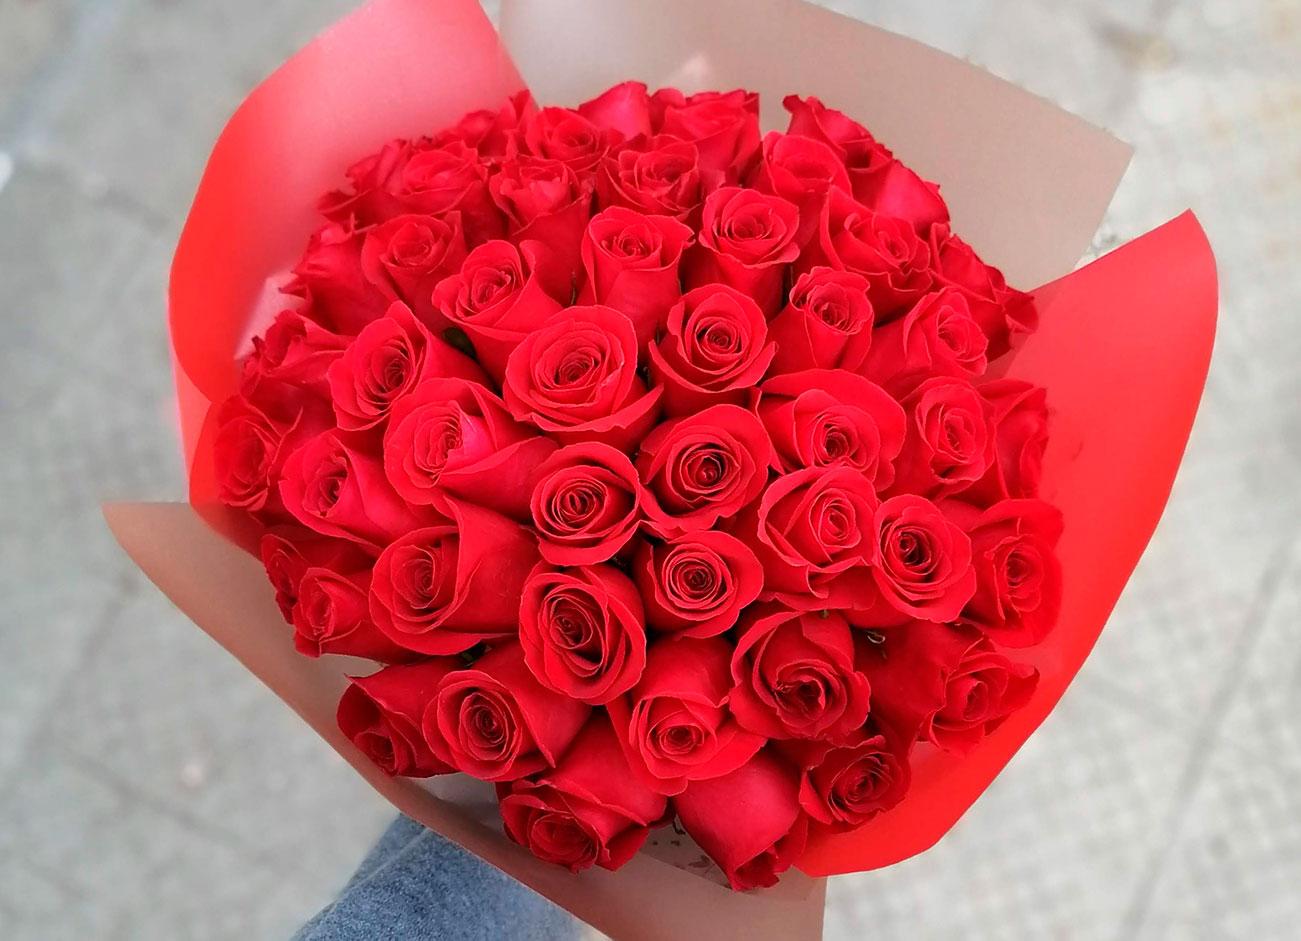 Ramo 50 rosas rojas: razones, momentos y significados